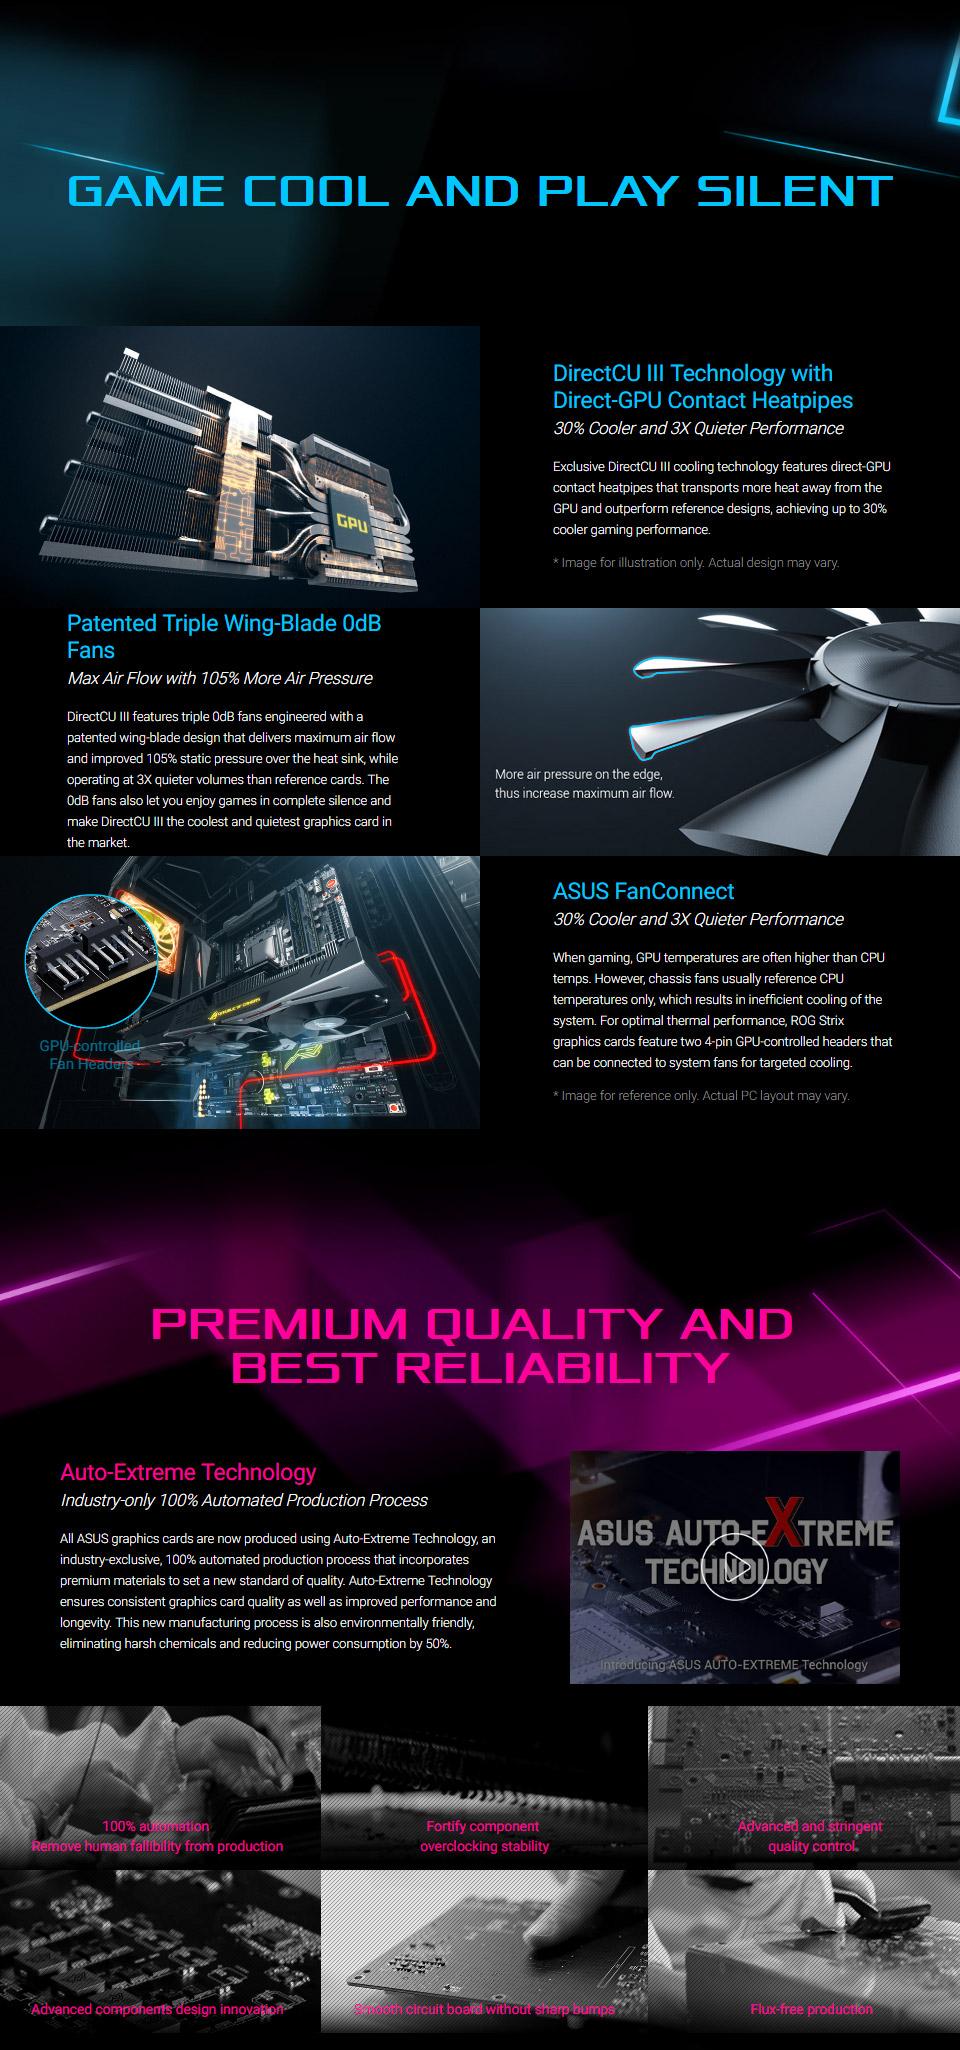 ASUS ROG GeForce GTX 1060 Strix Gaming 6GB [STRIX-GTX1060-6G